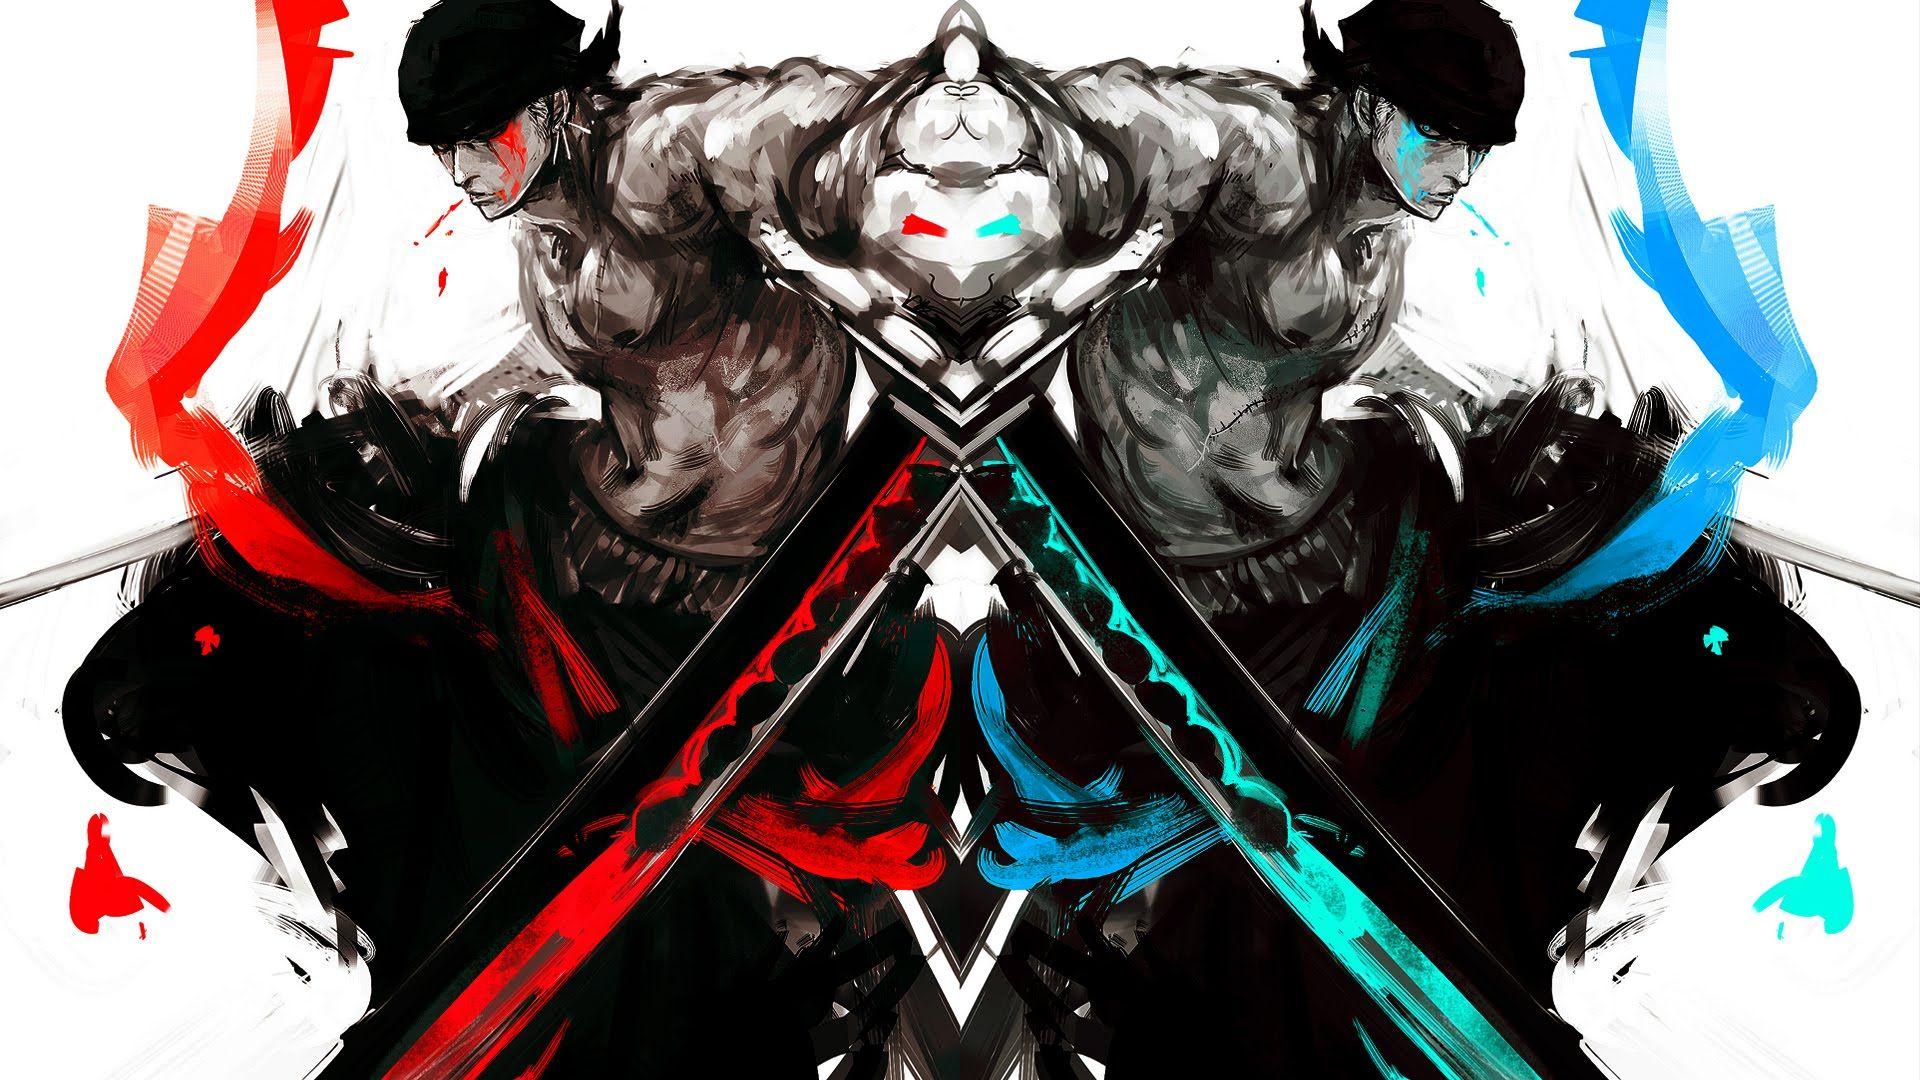 One Piece Zozo Full Amv Hero Wrecking Ball Anime Wallpaper 1920x1080 Hd Anime Wallpapers Anime Wallpaper